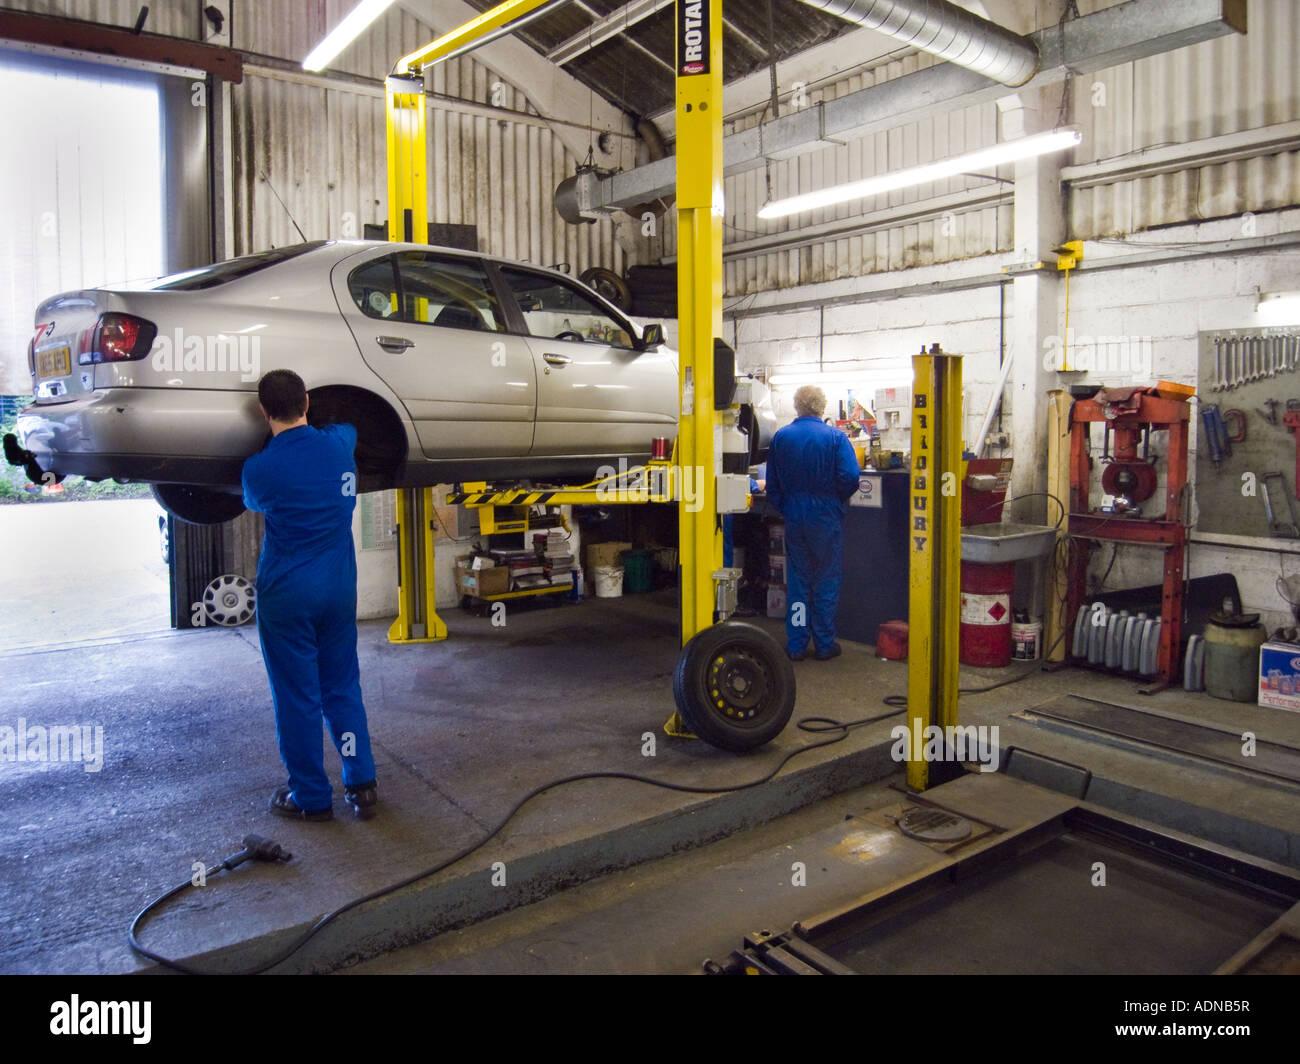 2 kfz mechaniker in einer autowerkstatt mit hydraulischen for Garage auto st genest lerpt